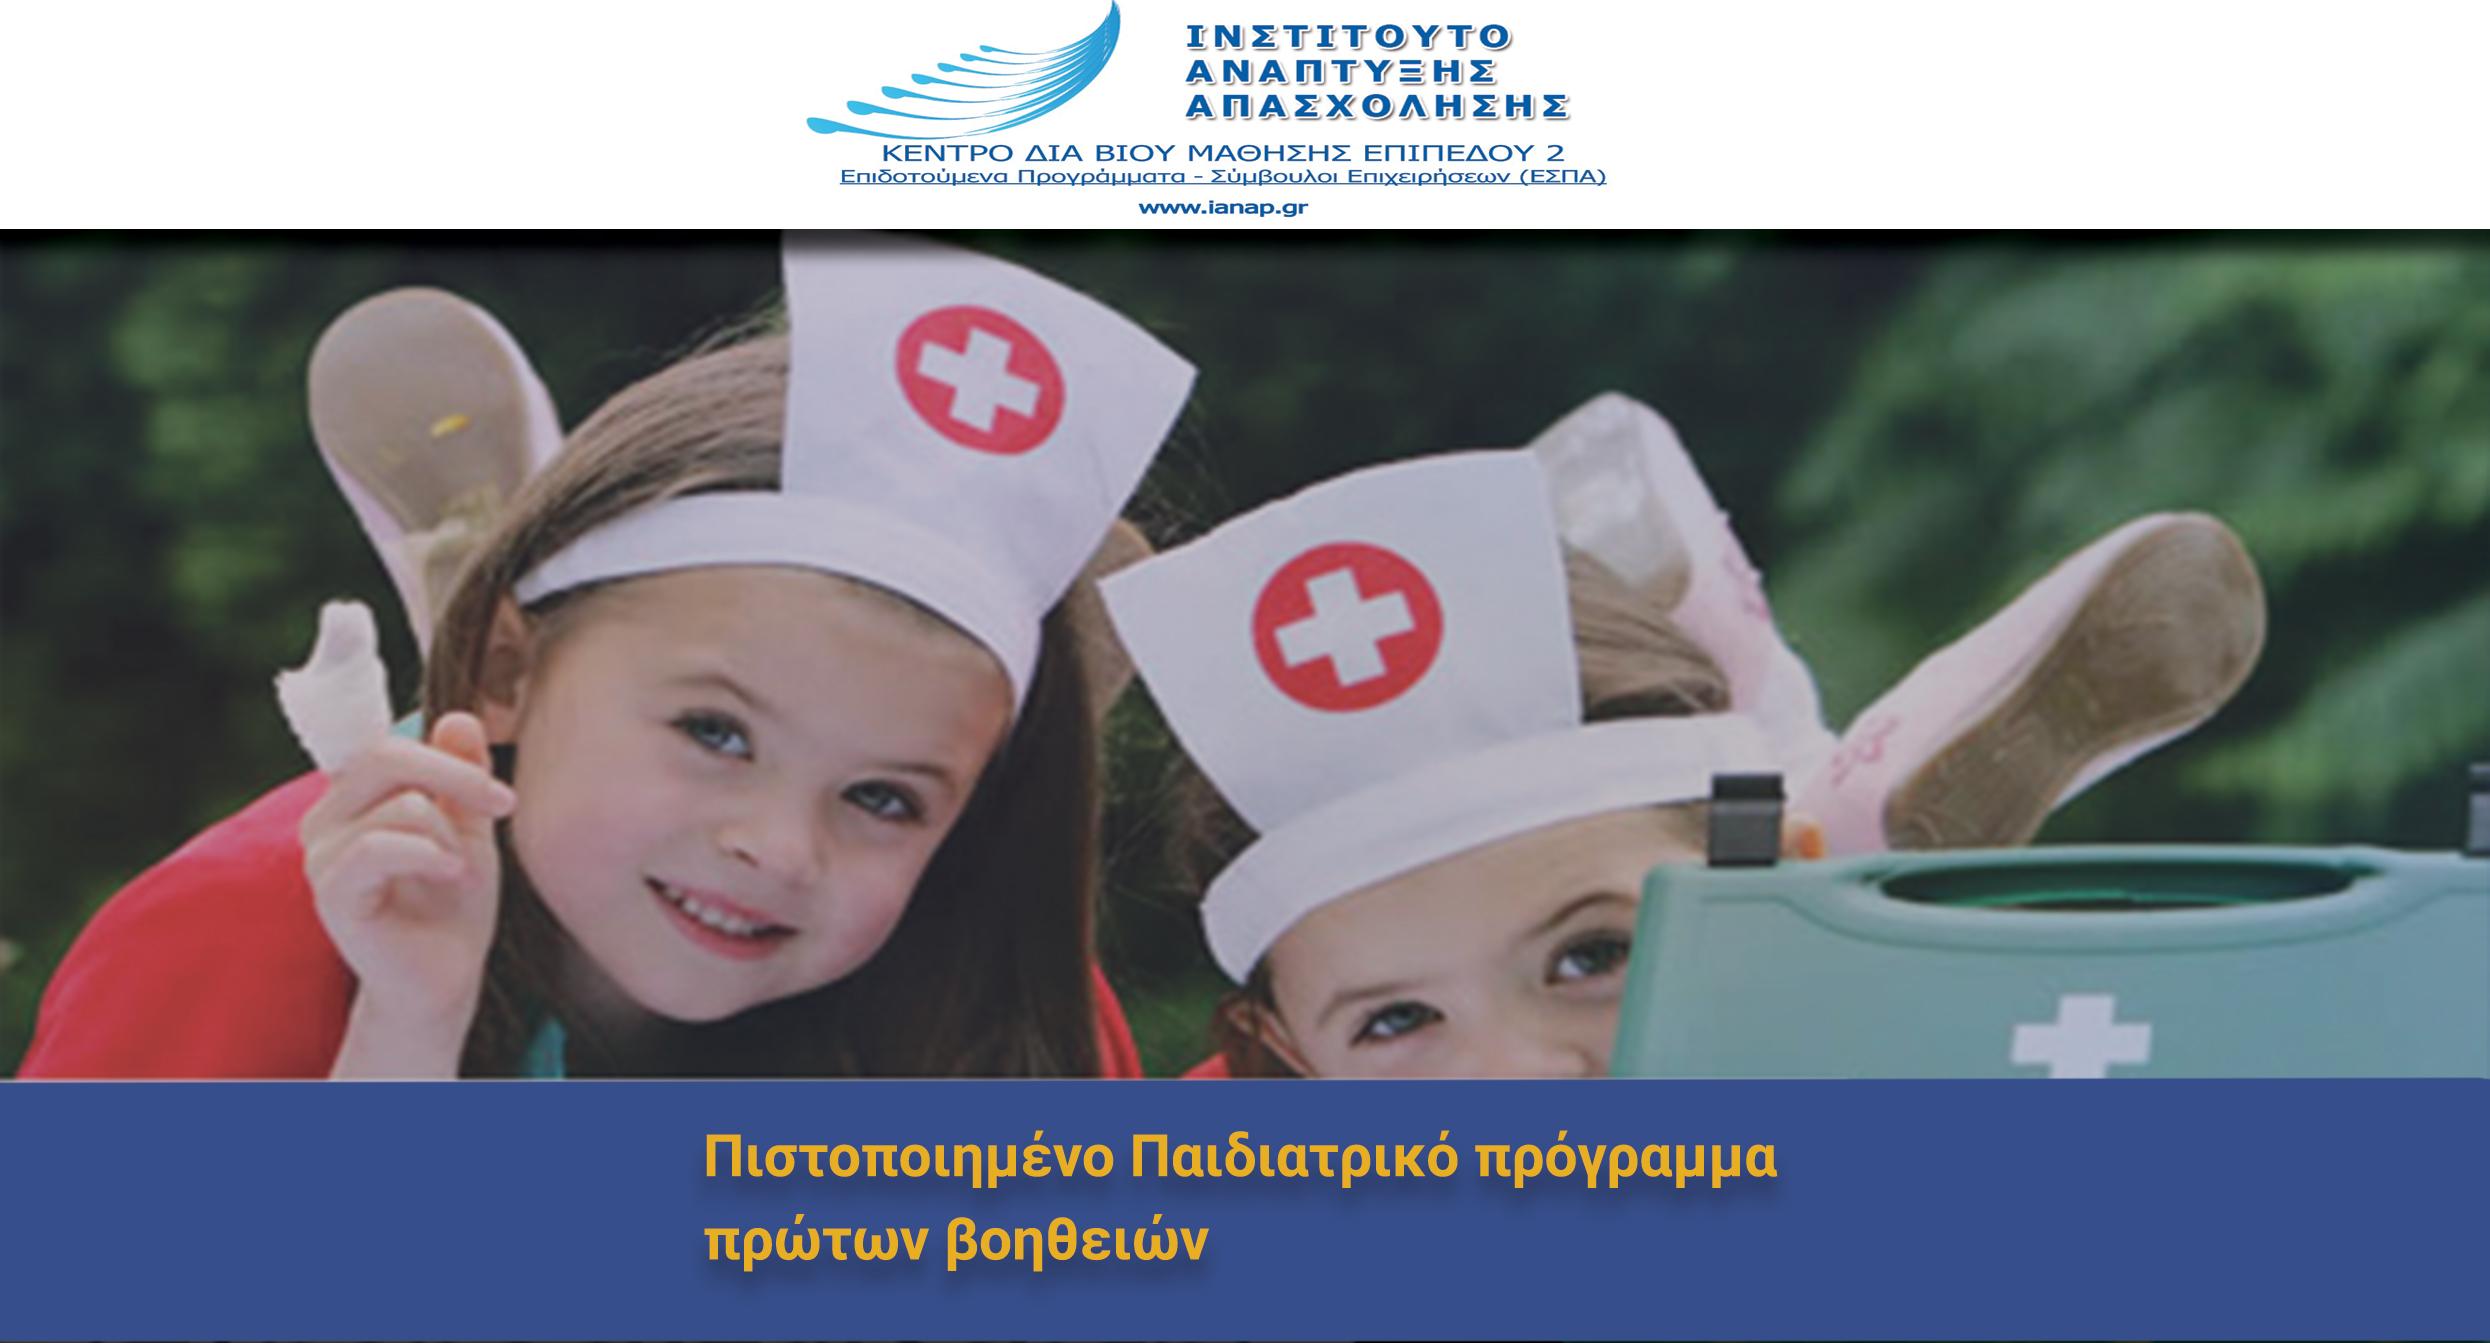 Πιστοποιημένο παιδιατρικό πρόγραμμα πρώτων βοηθειών